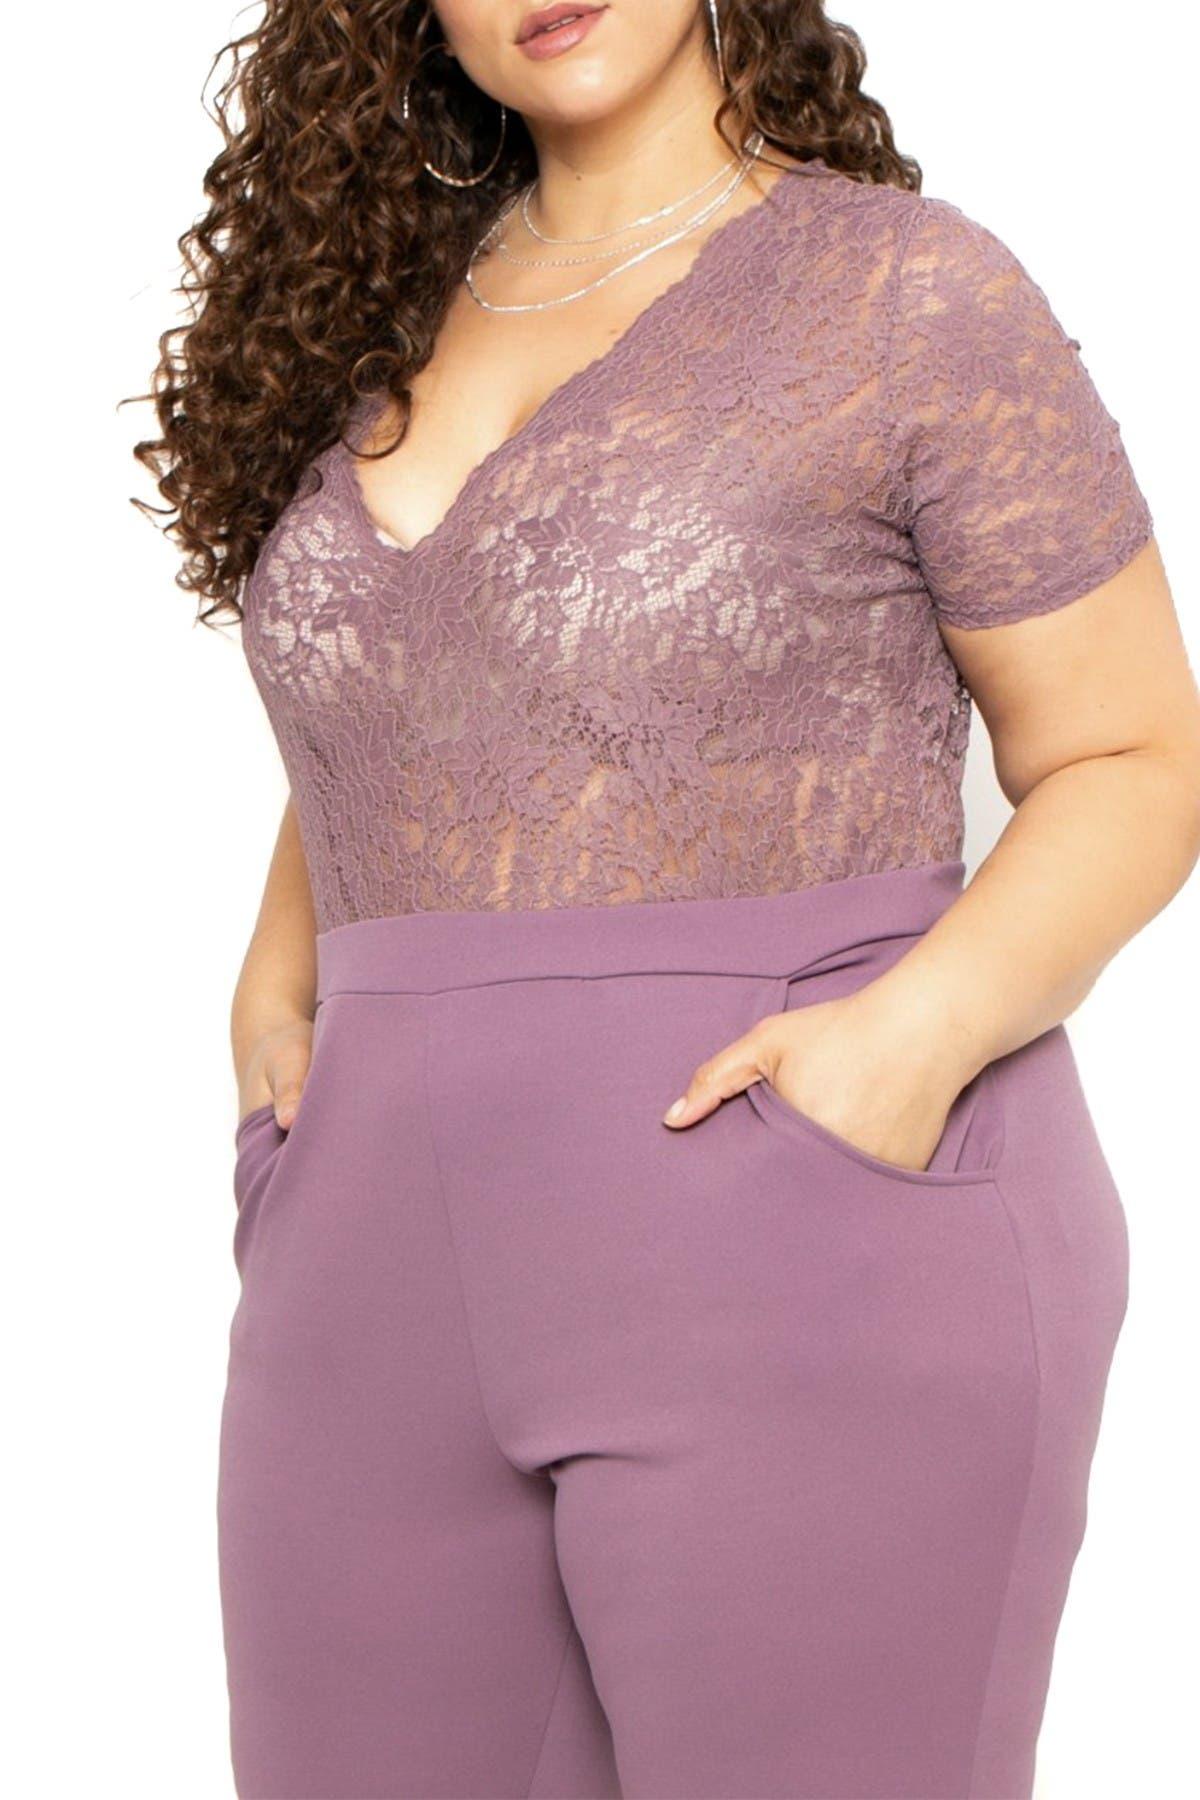 Curvy Sense Lace Top Jumpsuit